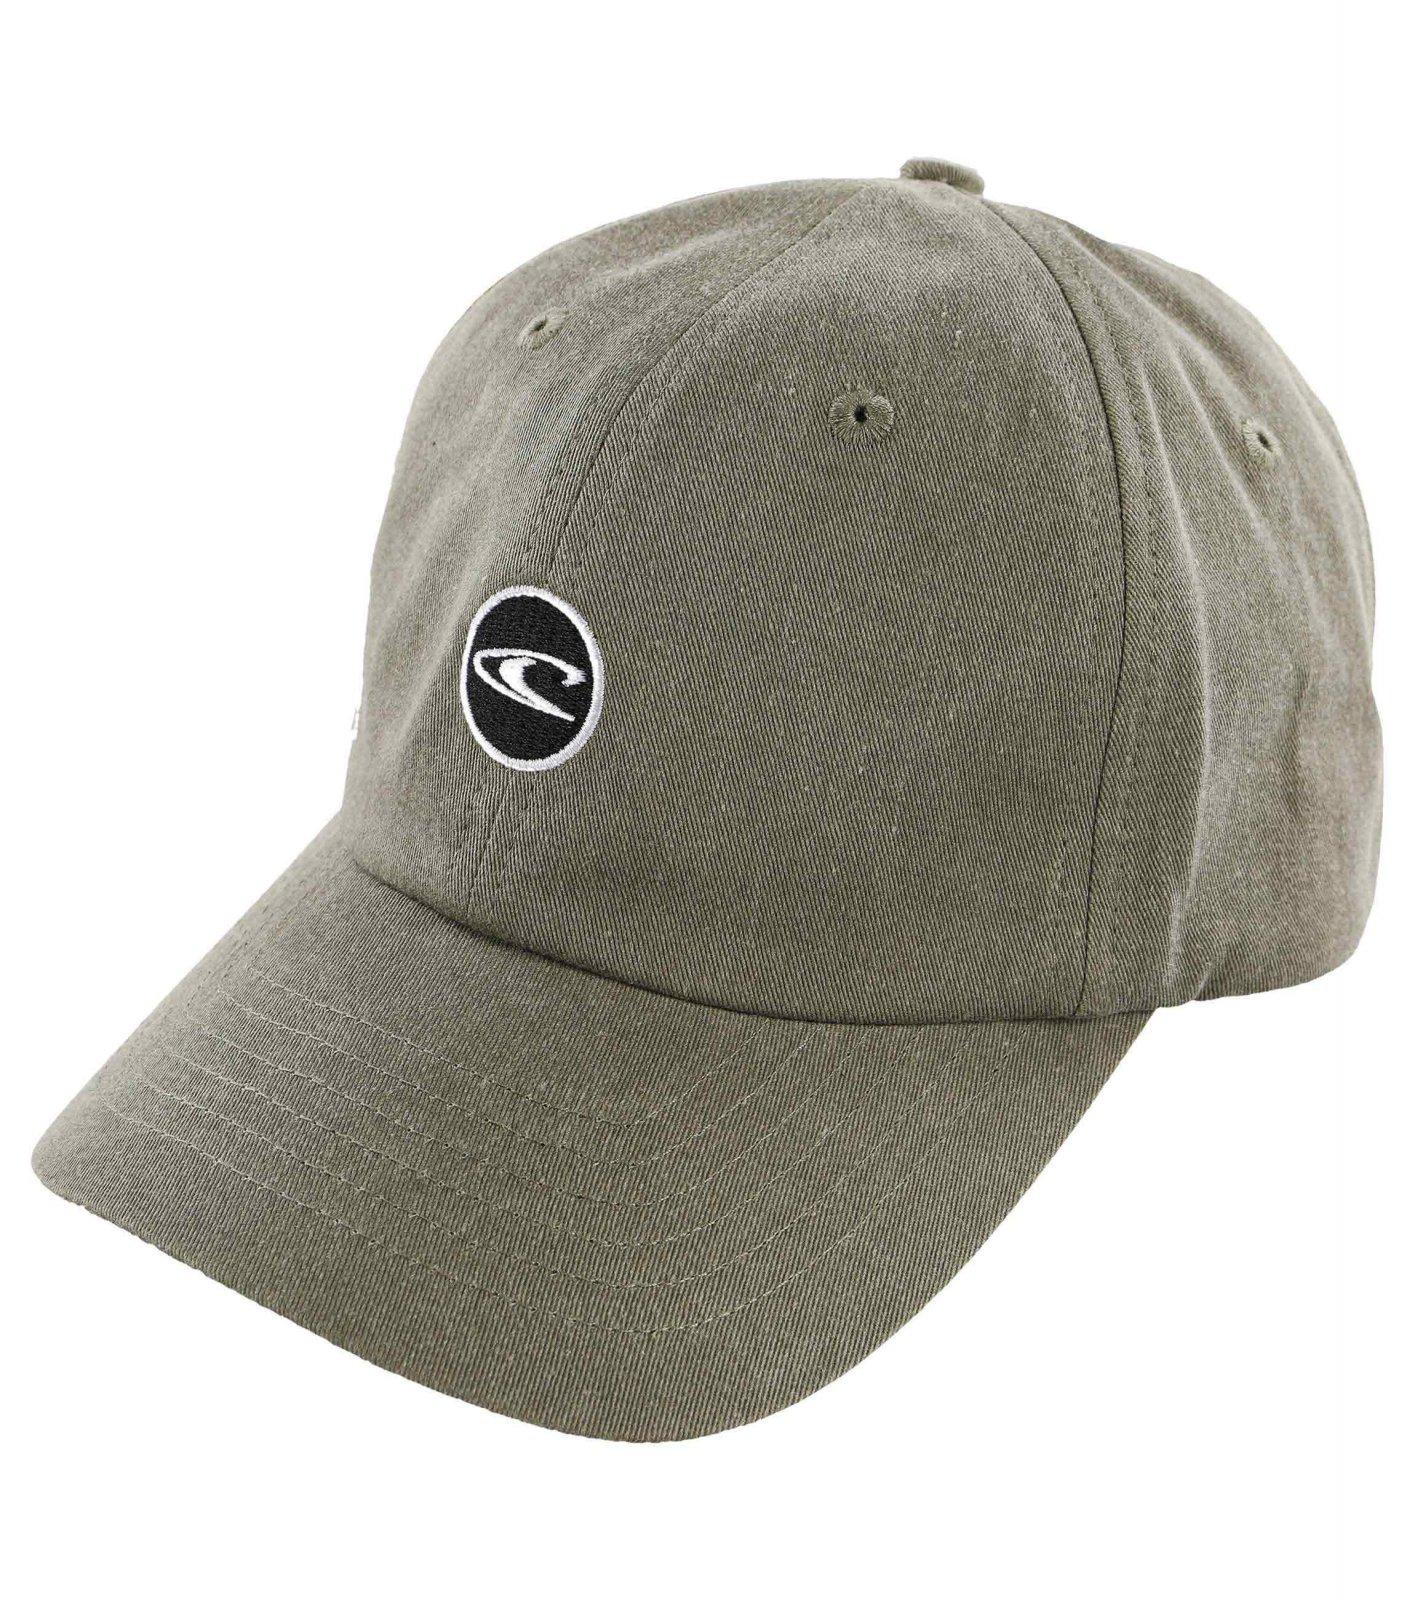 ONEILL VATER HAT